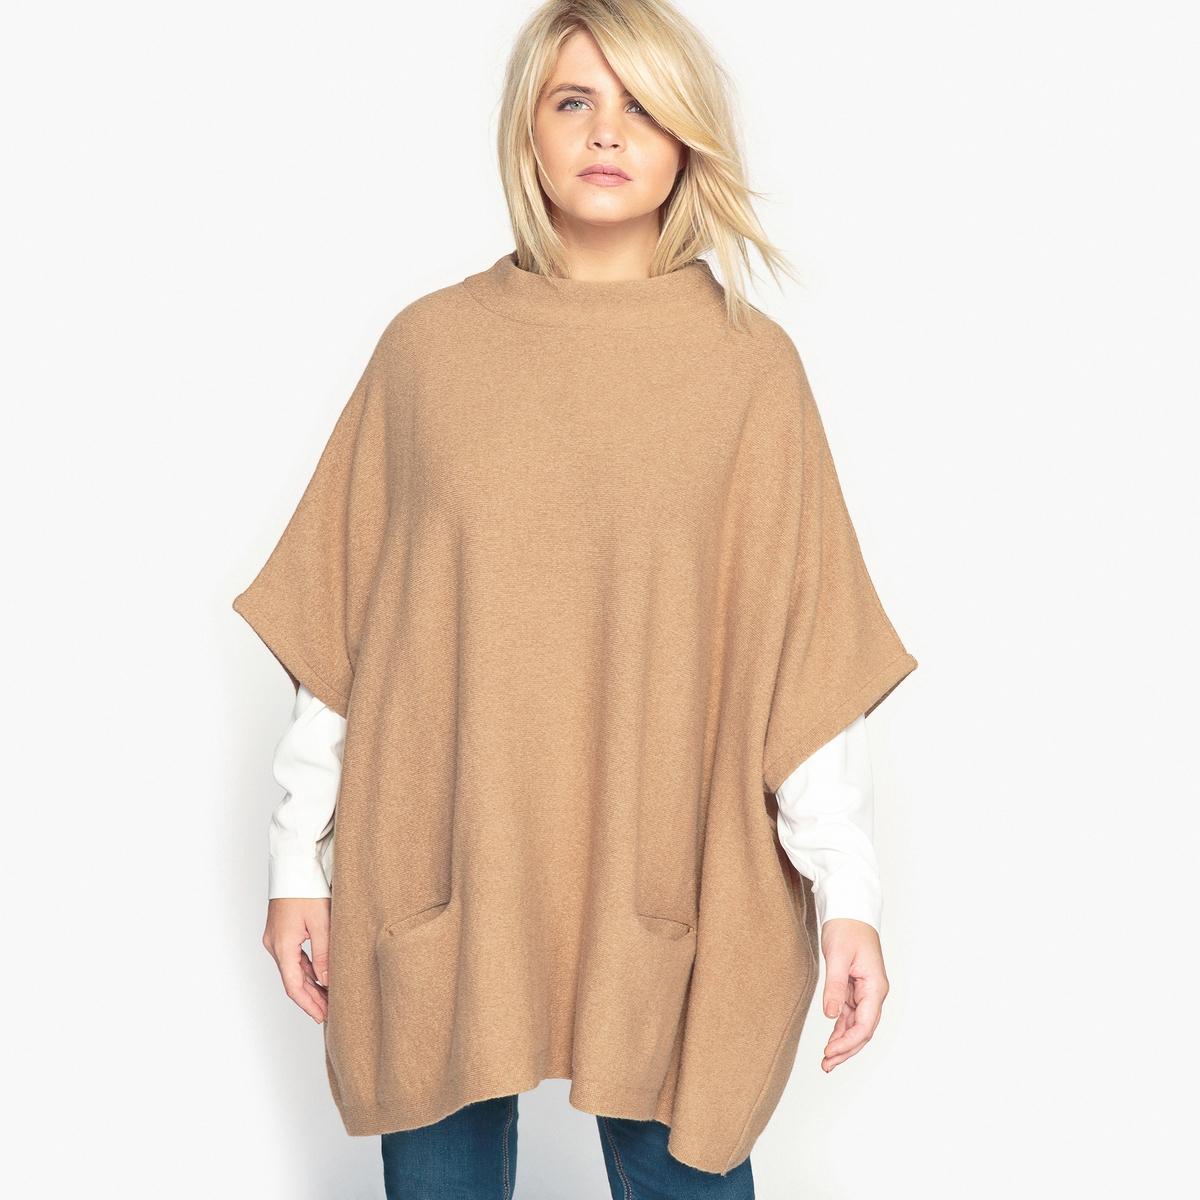 Пуловер-пончо из плотного трикотажа с воротником-стойкойОписание:Теплый пуловер-пончо преимущественно из шерсти. Вам придется по душе красивый покрой и очень теплый трикотаж этого пуловера-пончо.Детали •  Короткие рукава •  Воротник-стойка •  Плотный трикотаж Состав и уход •  70% шерсти, 2% эластана, 28% полиамида •  Ручная стирка •  Сухая чистка и отбеливание запрещены •  Сушить на горизонтальной поверхности •  Низкая температура глажкиТовар из коллекции больших размеров<br><br>Цвет: темно-бежевый<br>Размер: 42/44 (FR) - 48/50 (RUS).50/52 (FR) - 56/58 (RUS)